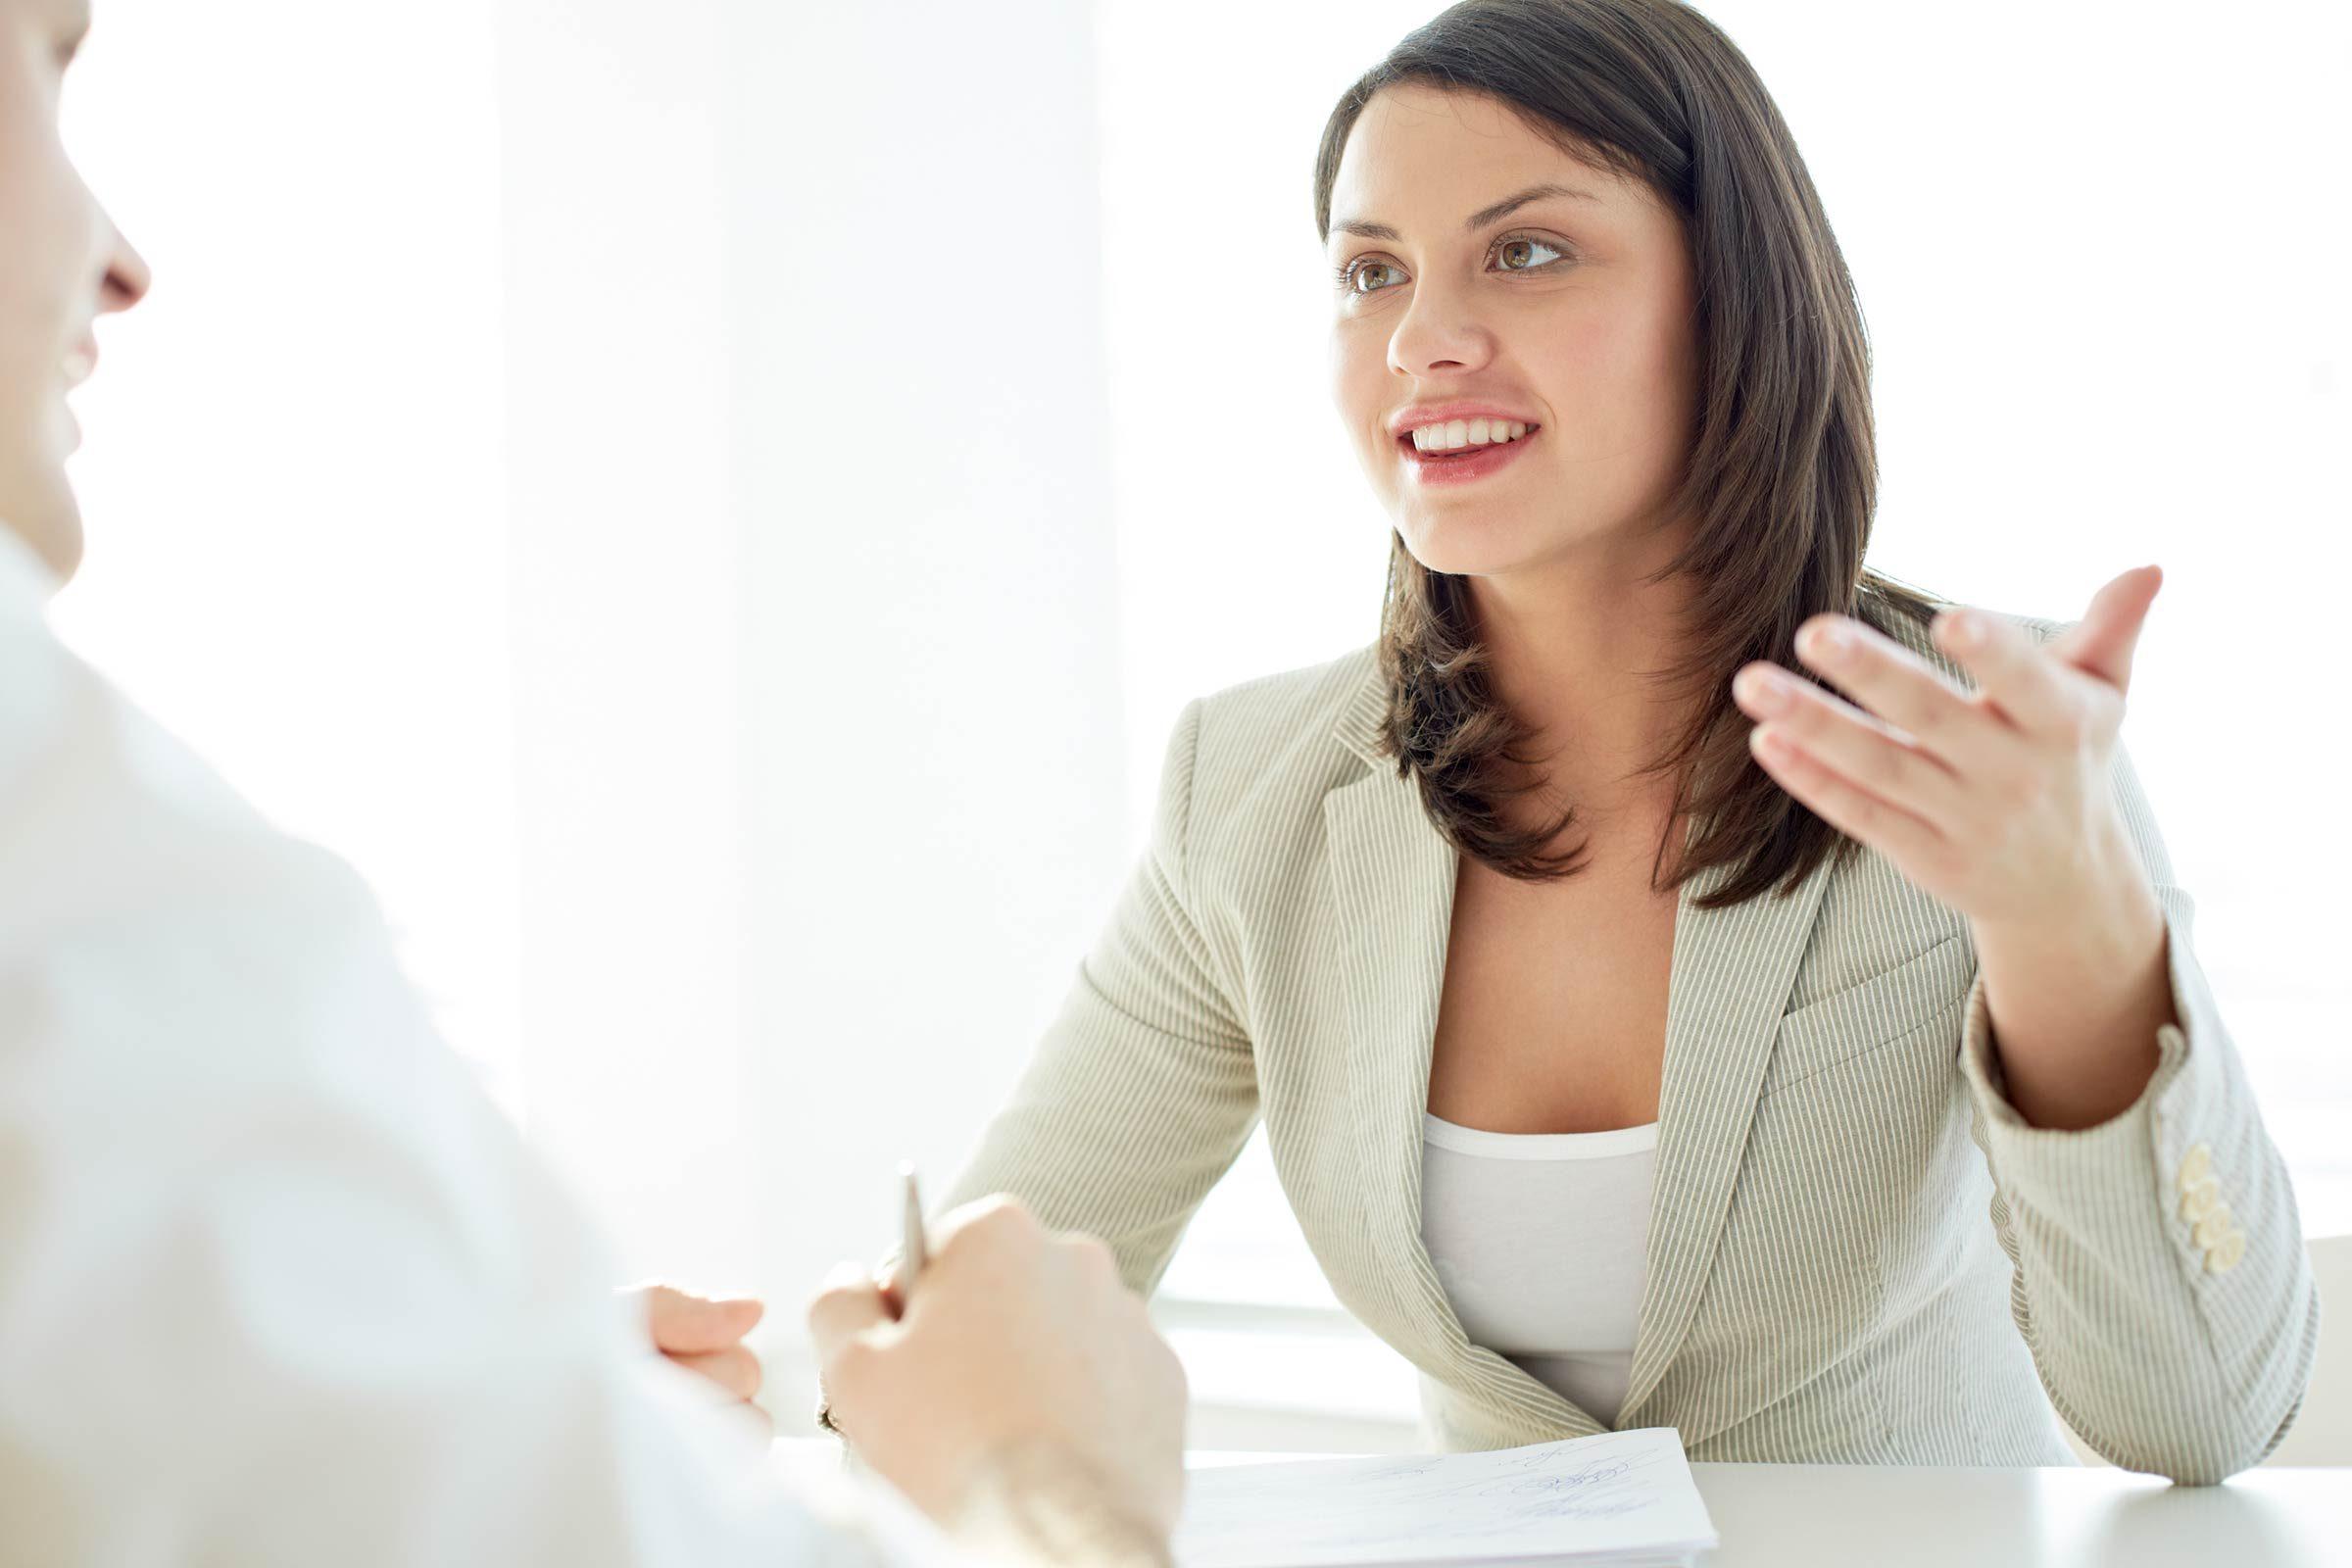 Body Language During Job Interviews